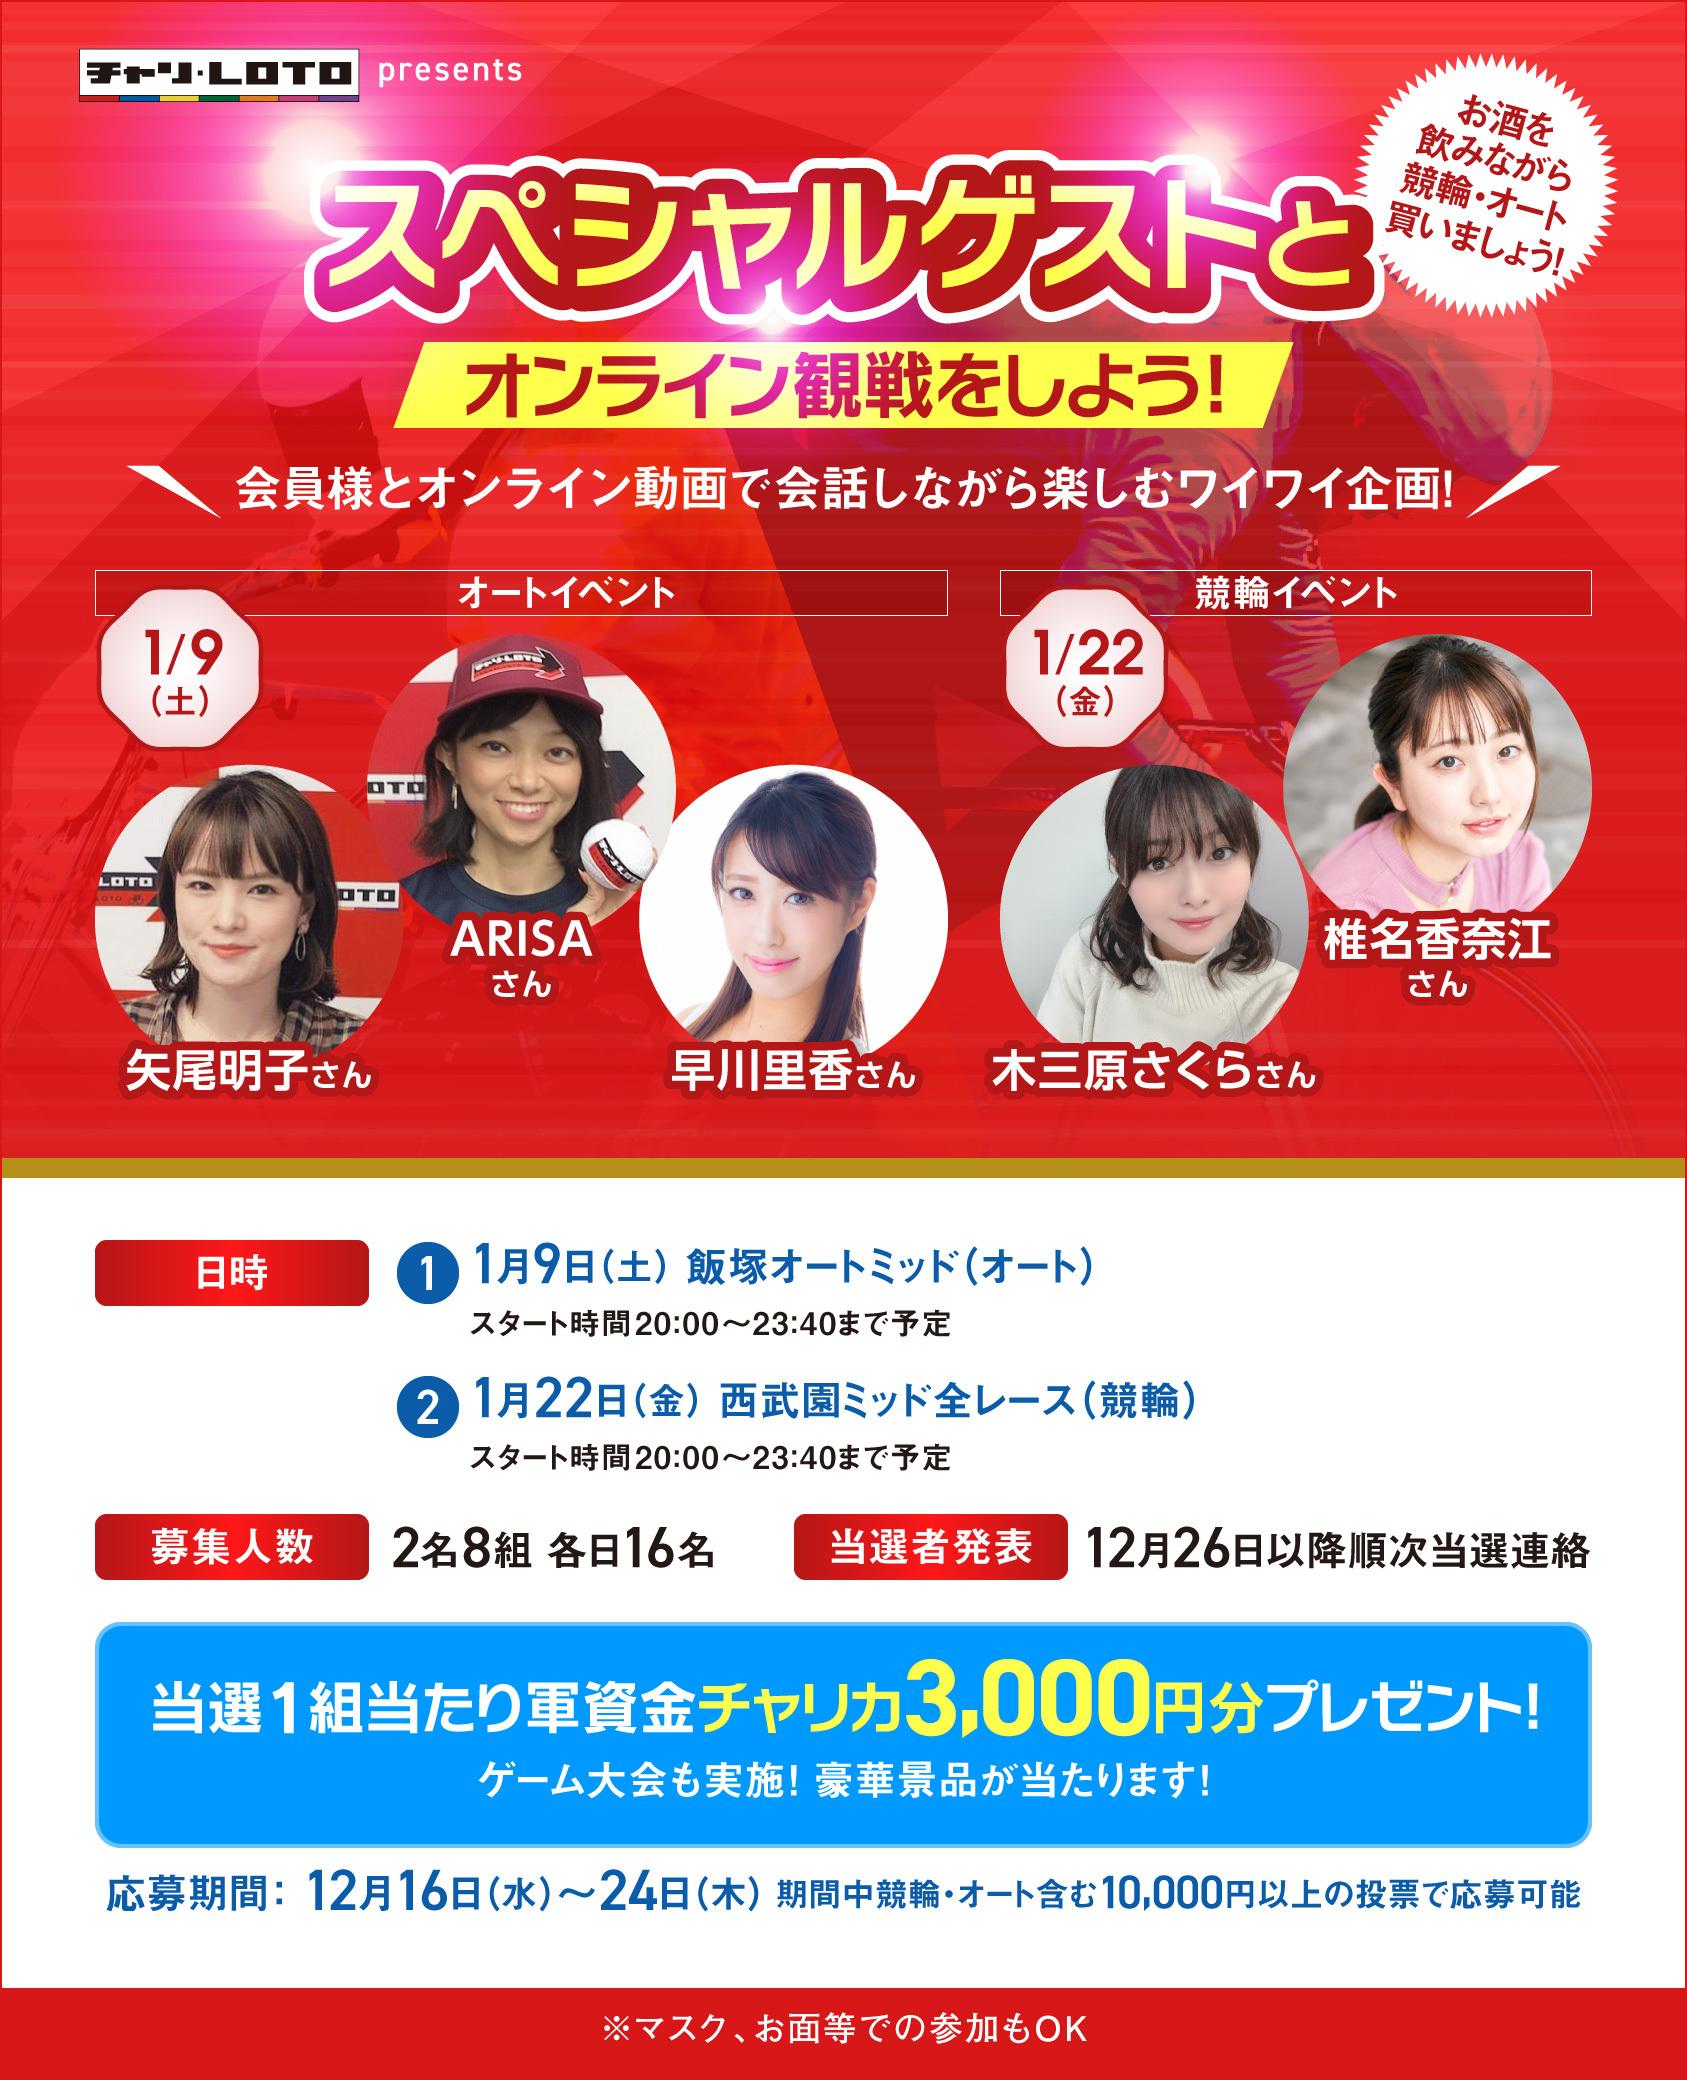 【動画でオンライン観戦!!】スペシャルゲストとオンライン観戦をしよう!